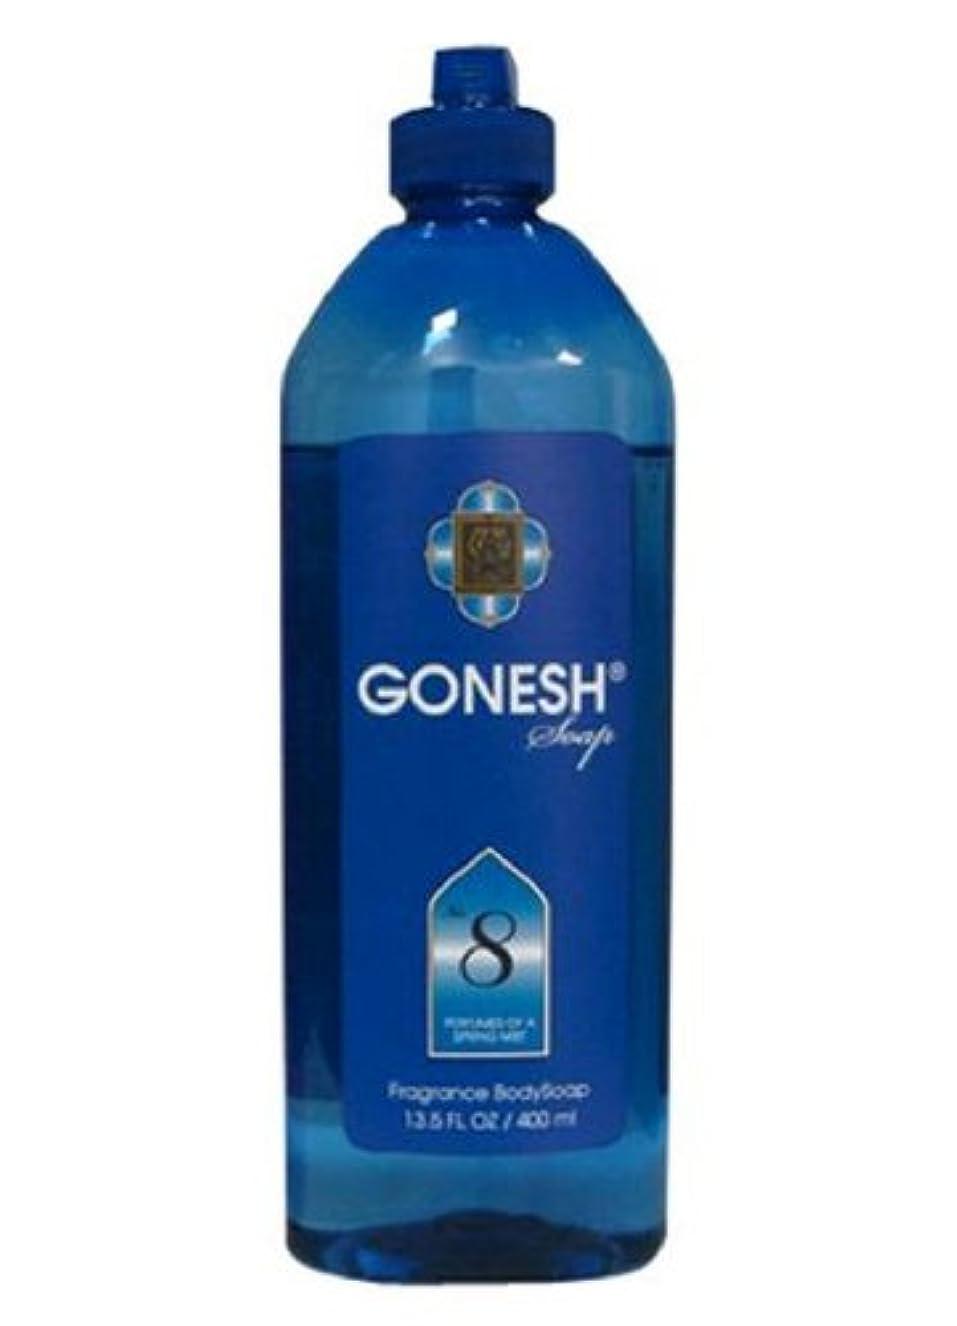 フォーマル決してプラットフォームGONESH Body Soap NO.8 400ml